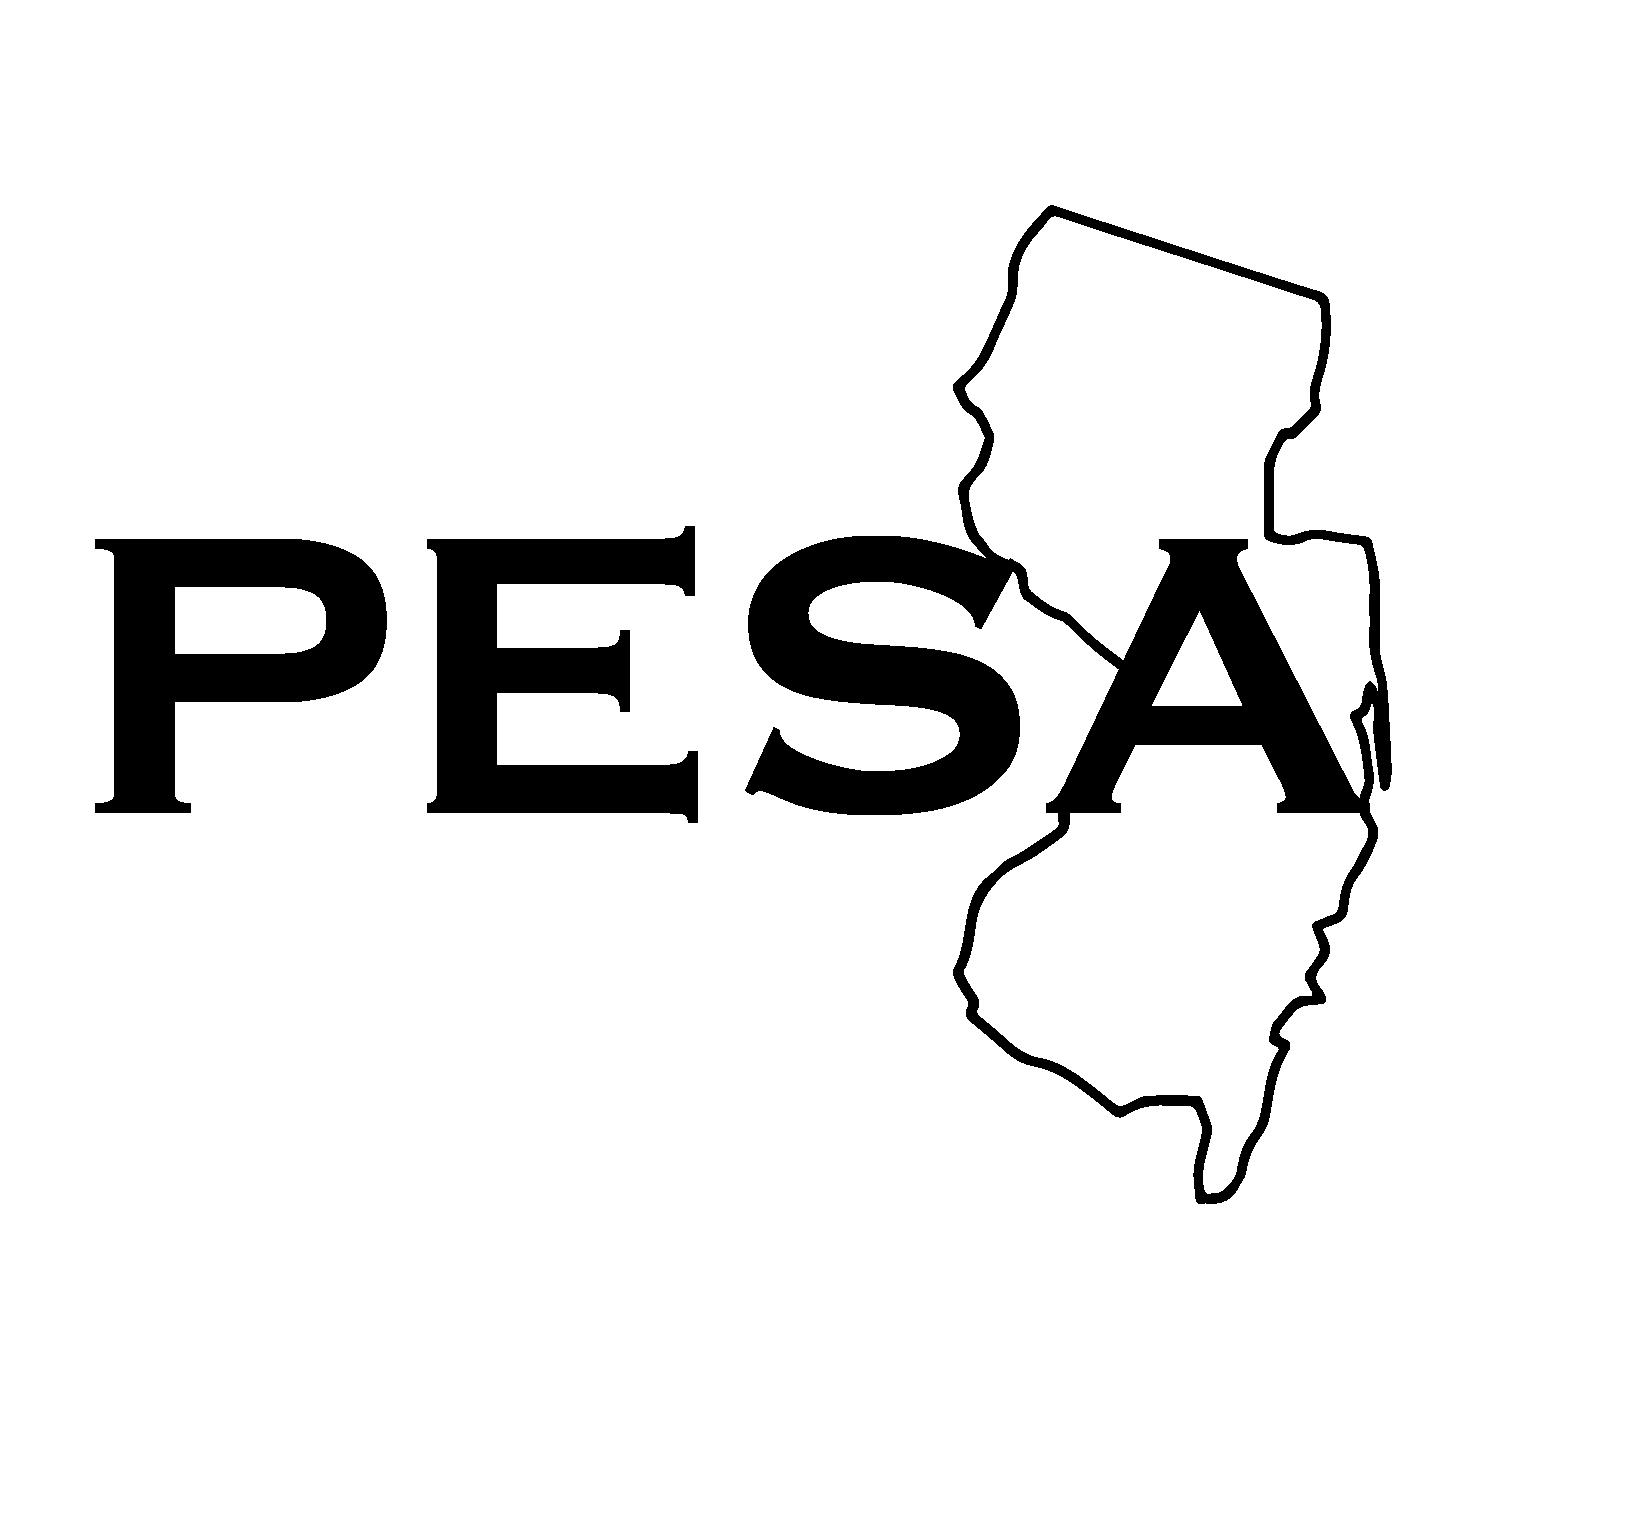 PESA_withNJ_black.png